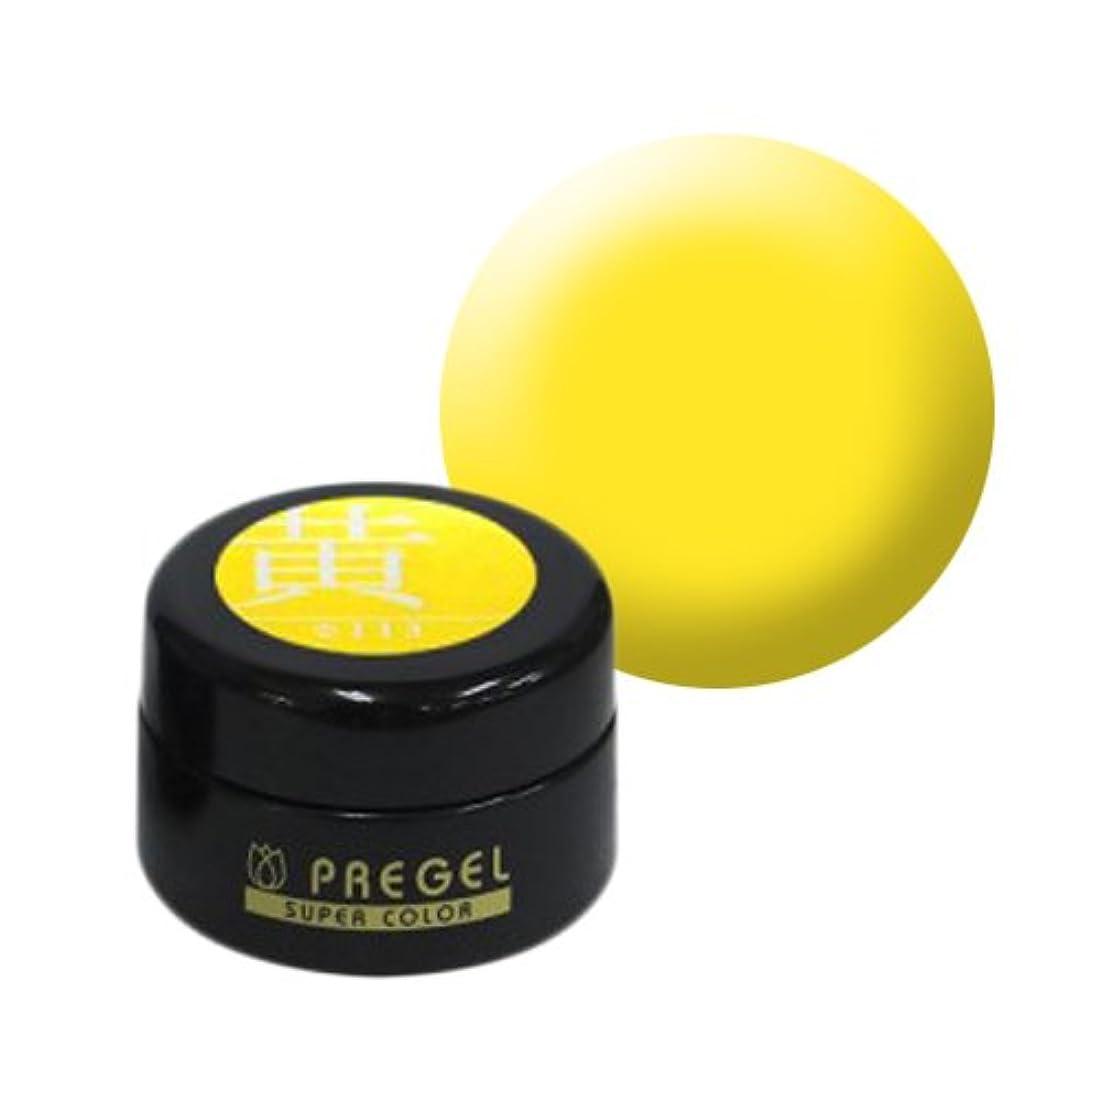 軌道太いぴかぴか【PREGEL】カラーEx 黄 / PG-CE113 【UV&LED】プリジェル カラージェル ジェルネイル用品